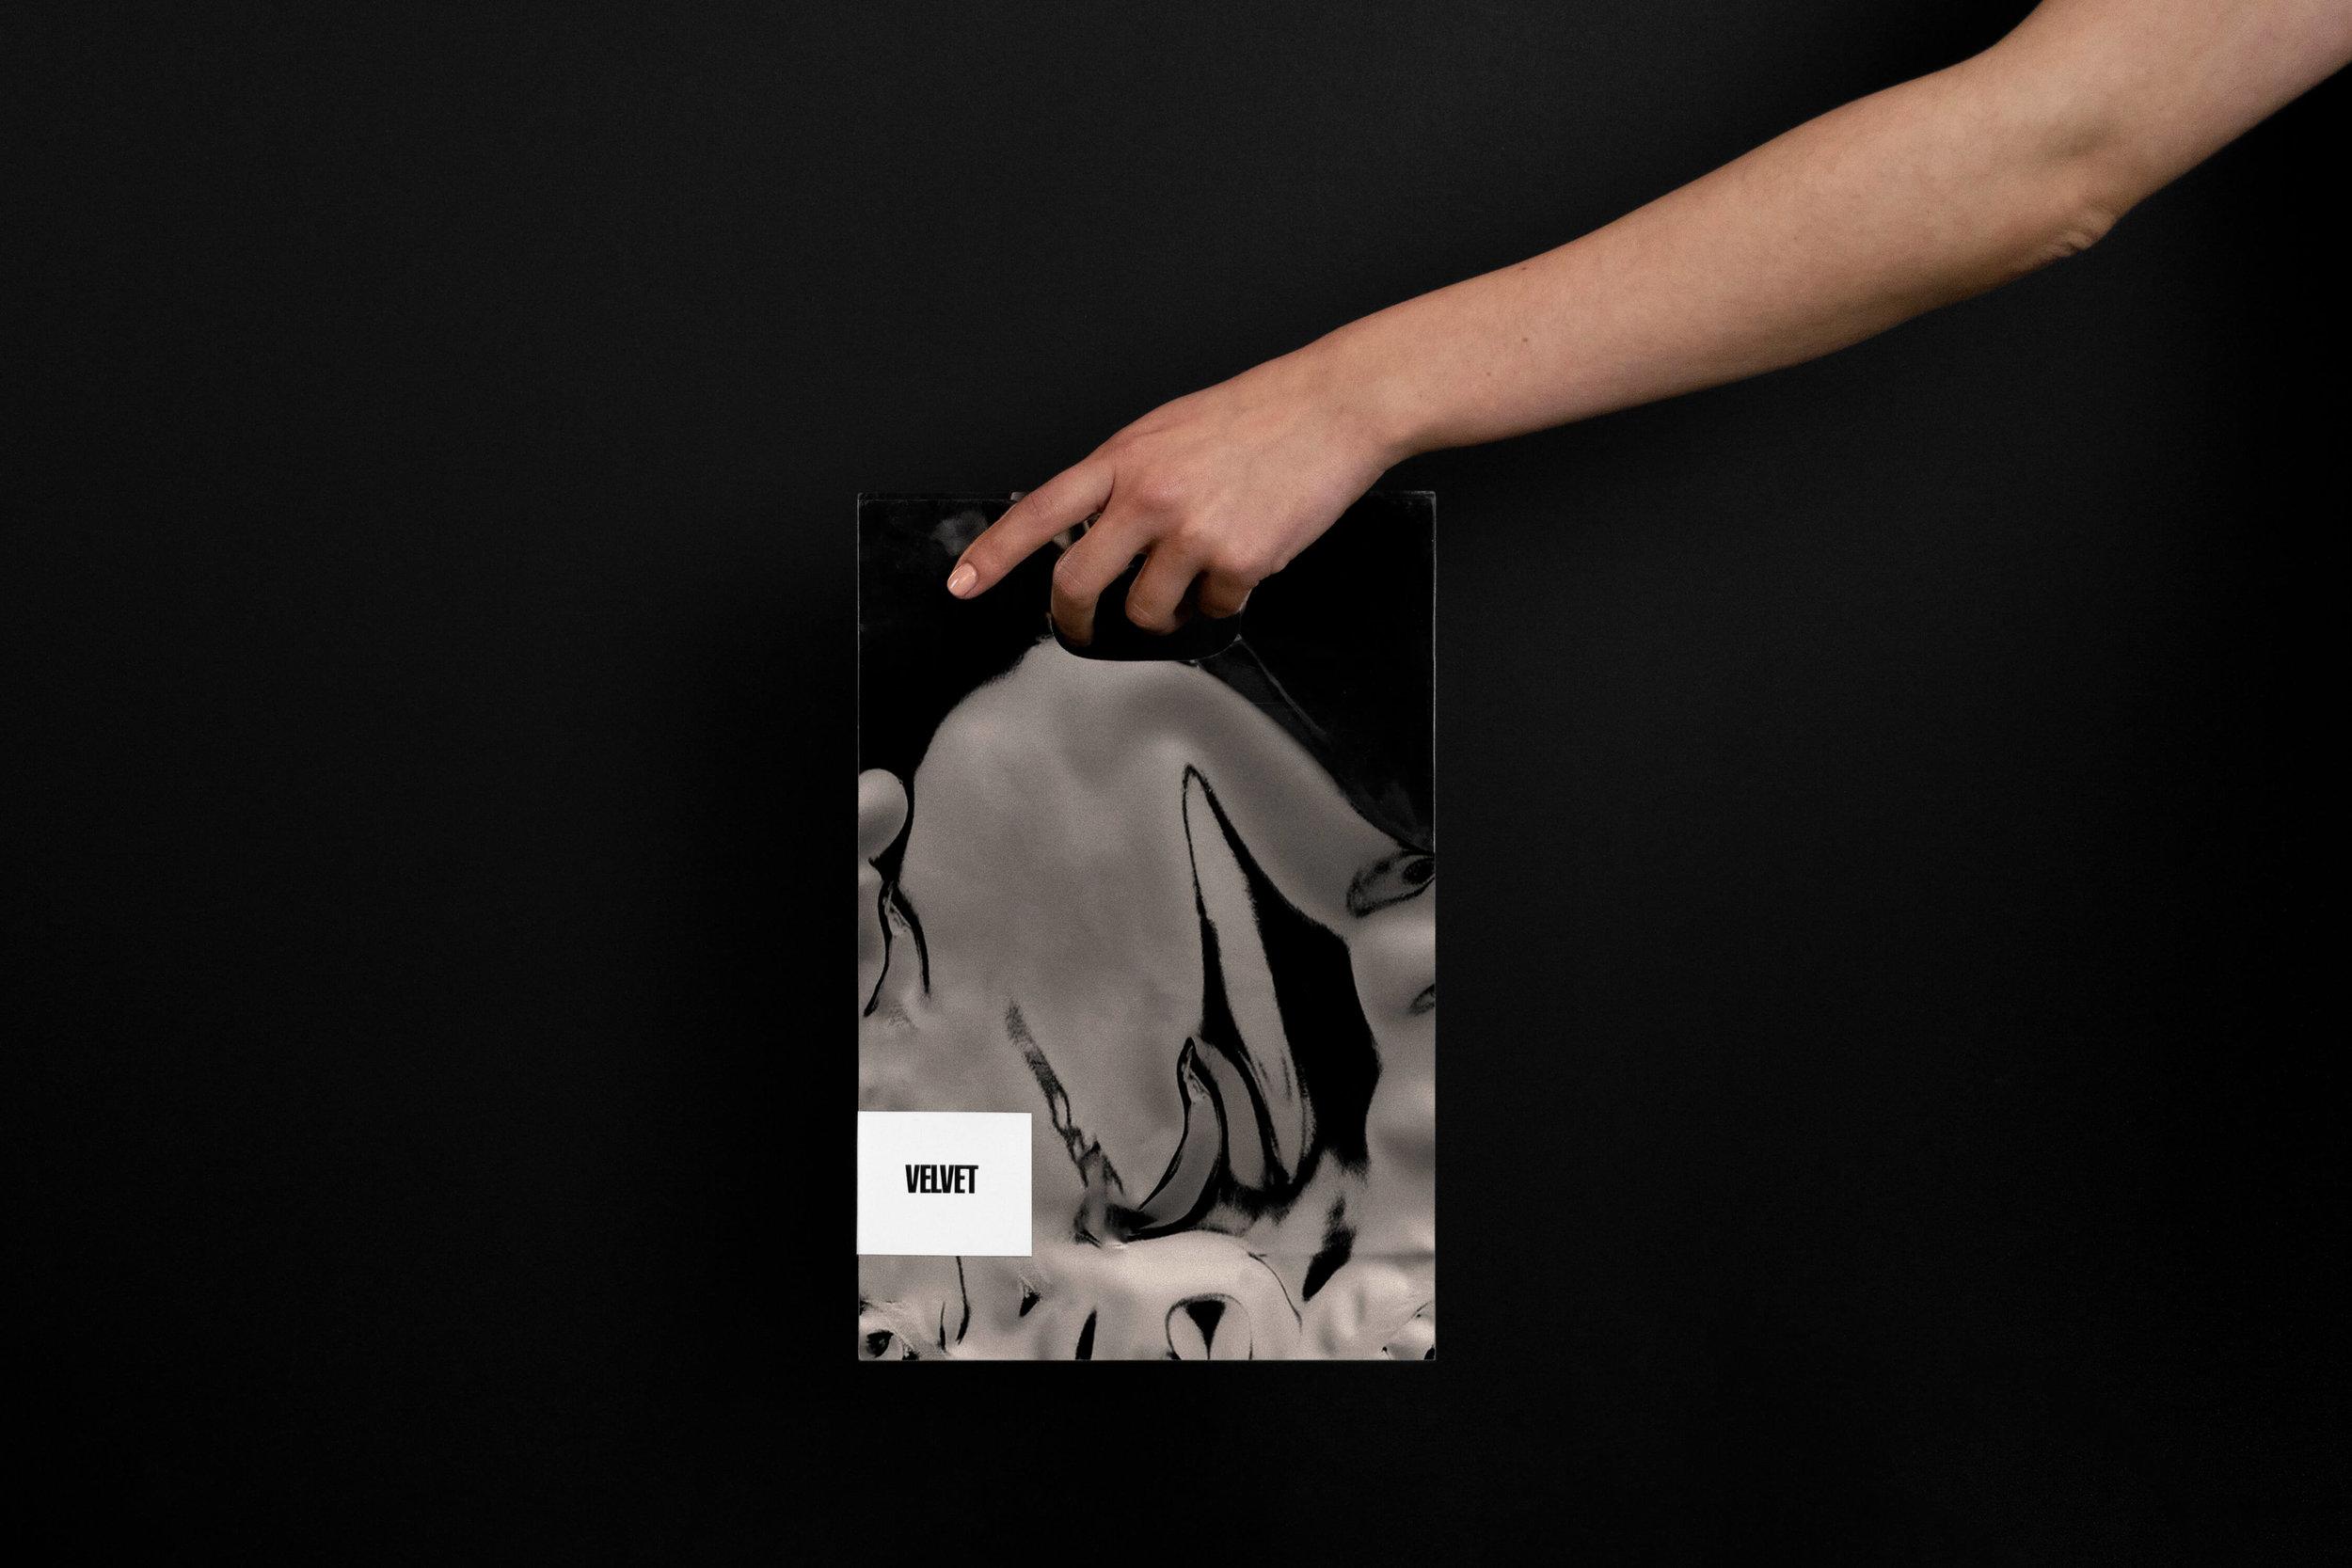 logo-design-branding-san-diego-vortic-velvet-13-3